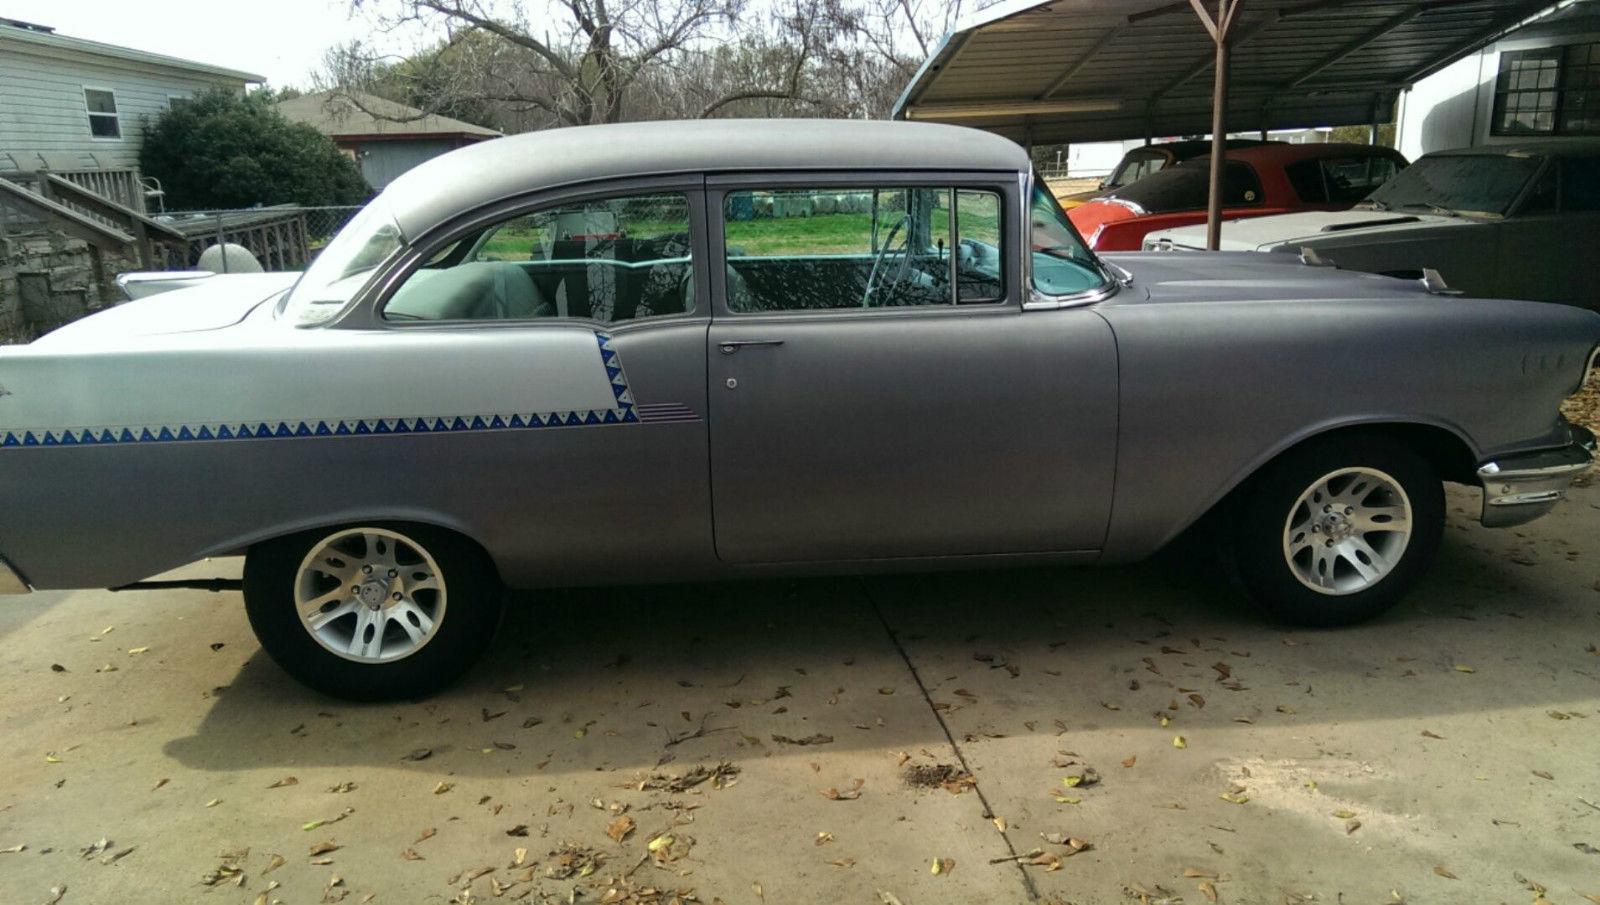 1957 chevy two door sedan for sale in mabank texas for 1957 chevy 2 door sedan